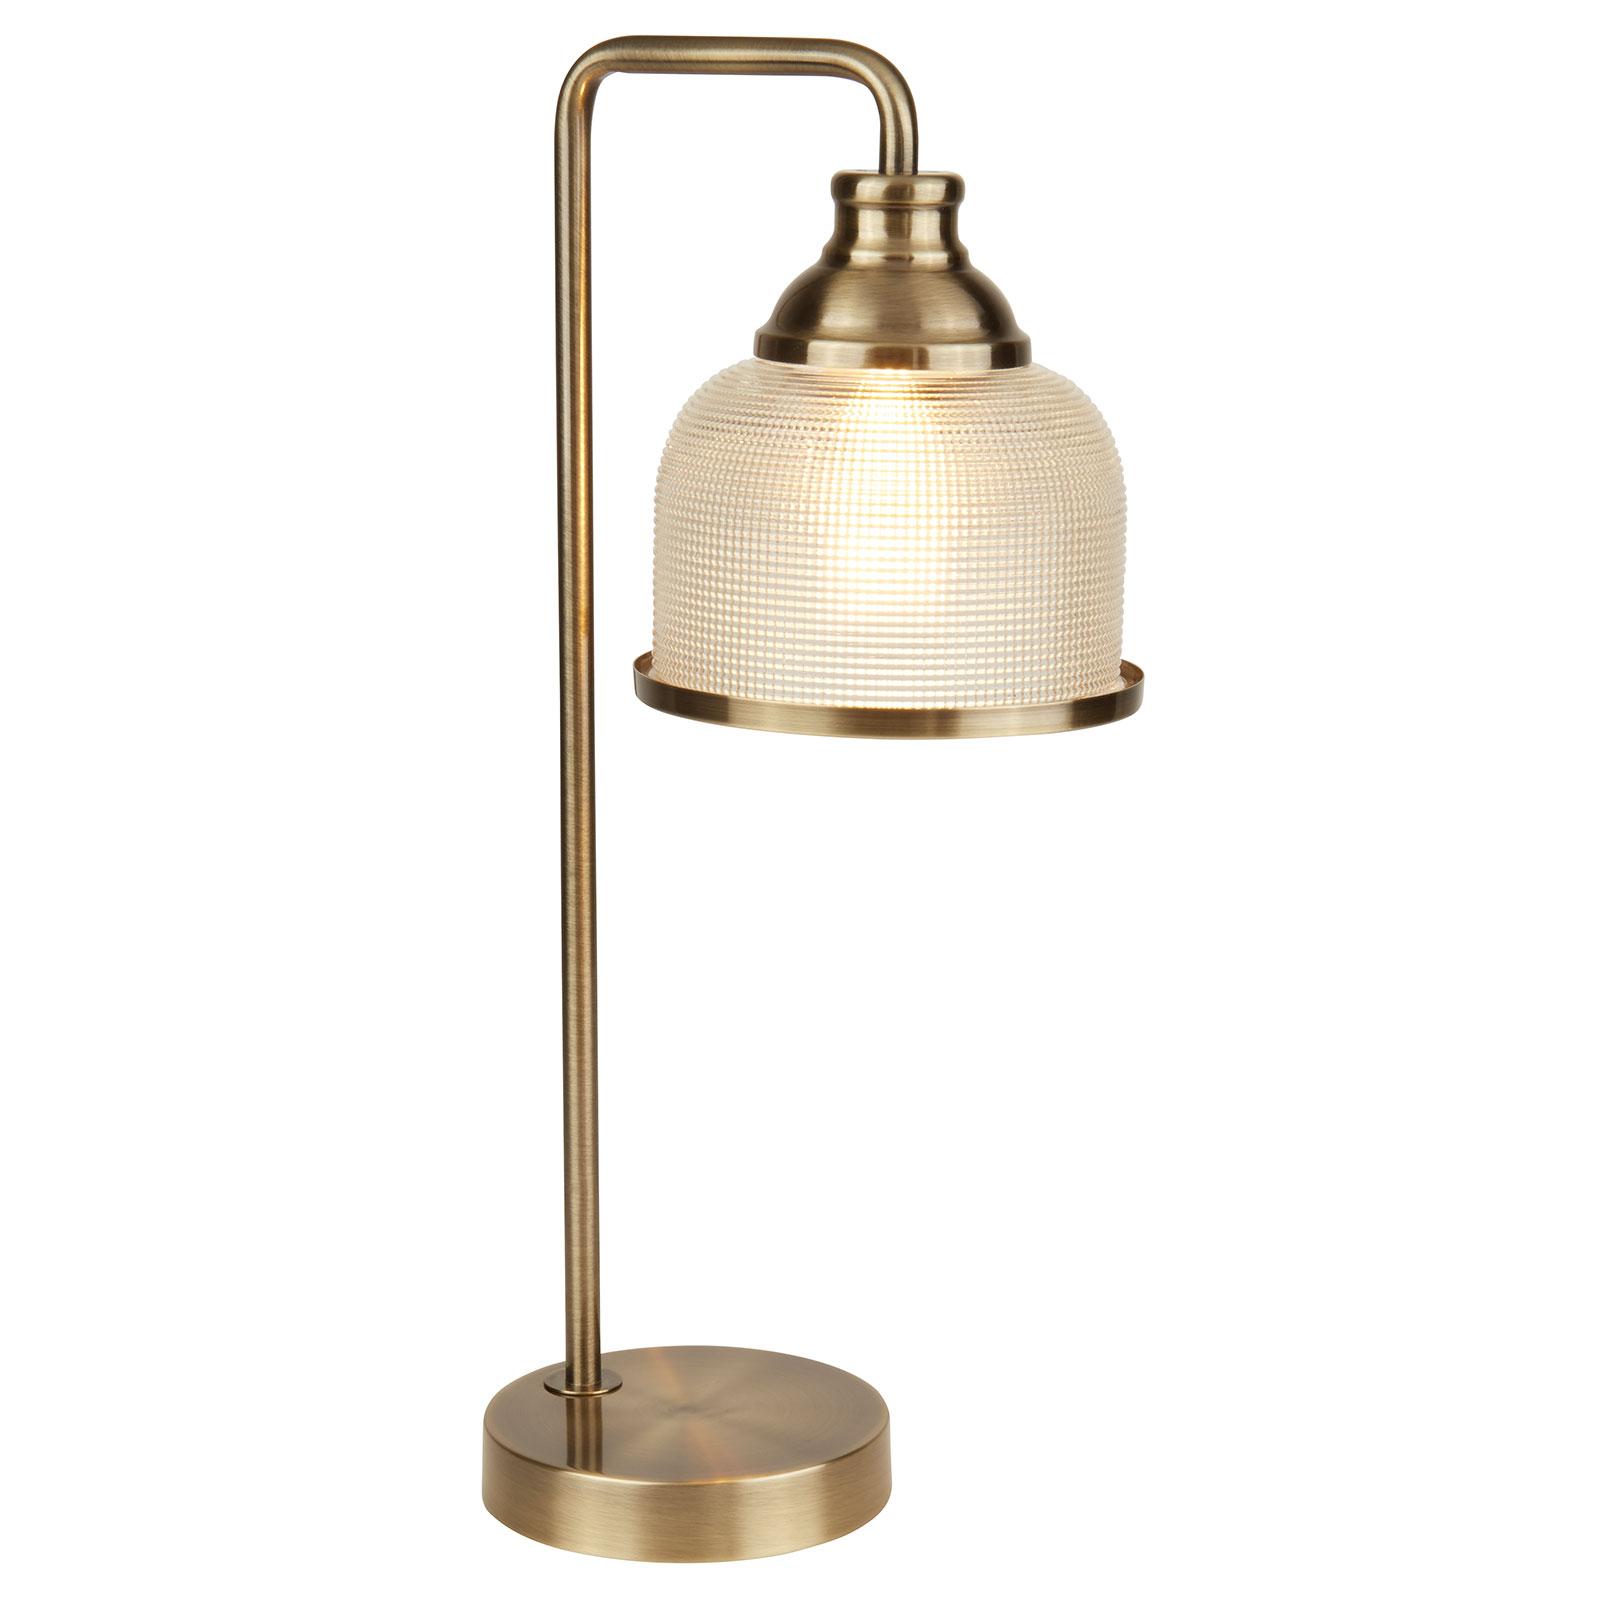 Bistro II bordlampe, holophanglas, antik messing